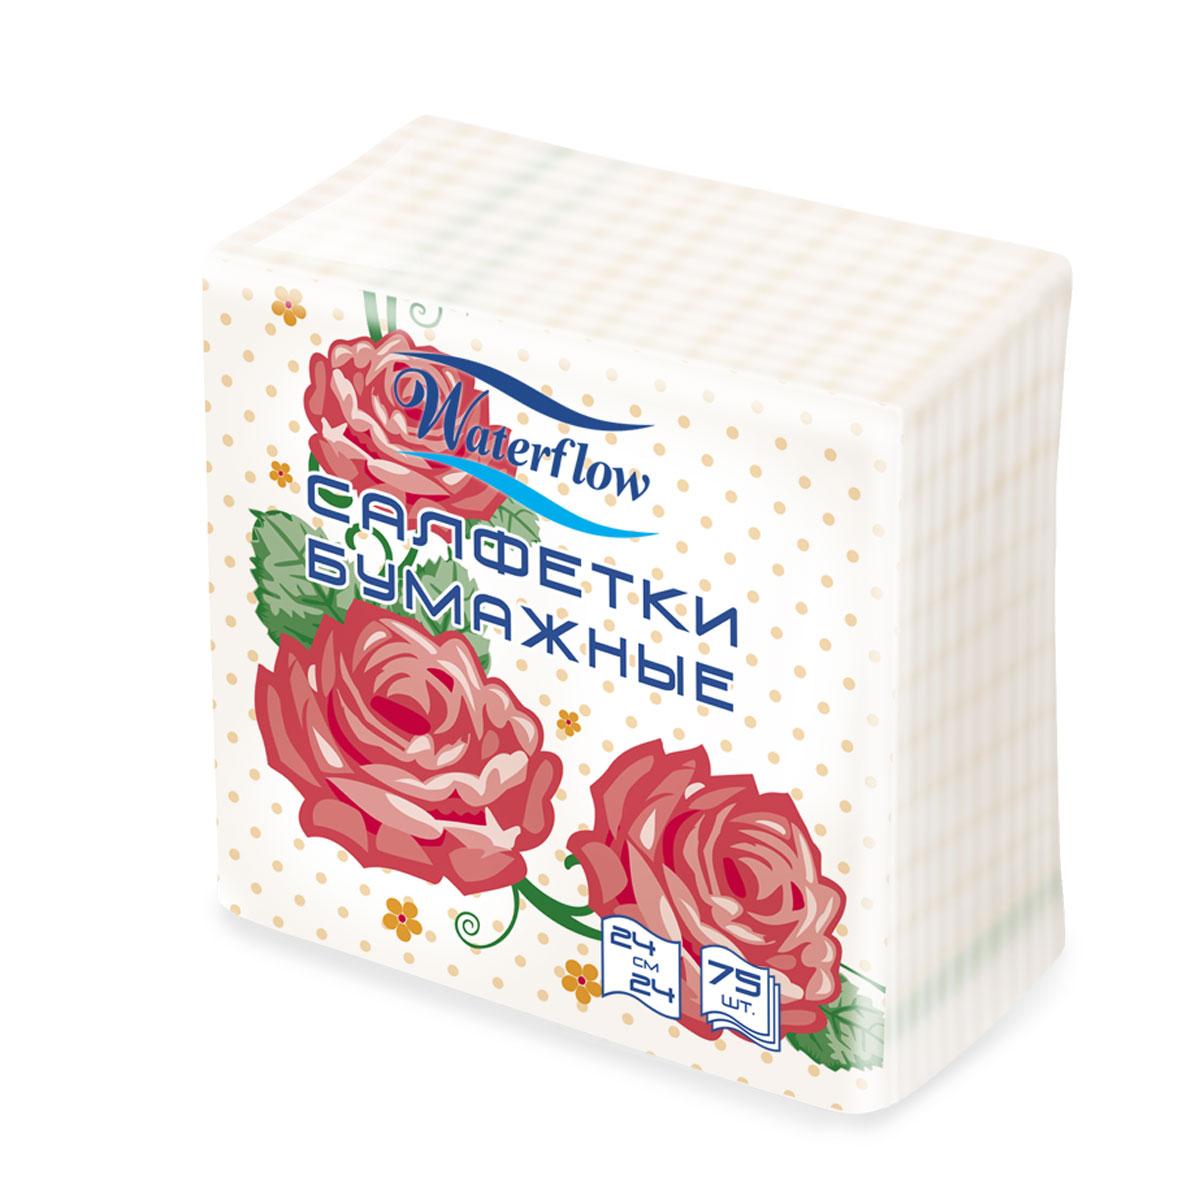 Салфетки бумажные Waterflow Роза, 75 шт9103500790Интересным и самодостаточным элементом Вашего праздничного стола станут яркие и красочные бумажные салфетки Waterflow. Экологически чистые, бархатистые на ощупь , салфетки изготовлены из 100% целлюлозы. Прекрасное решение для праздичной и повседневной сервировки стола.